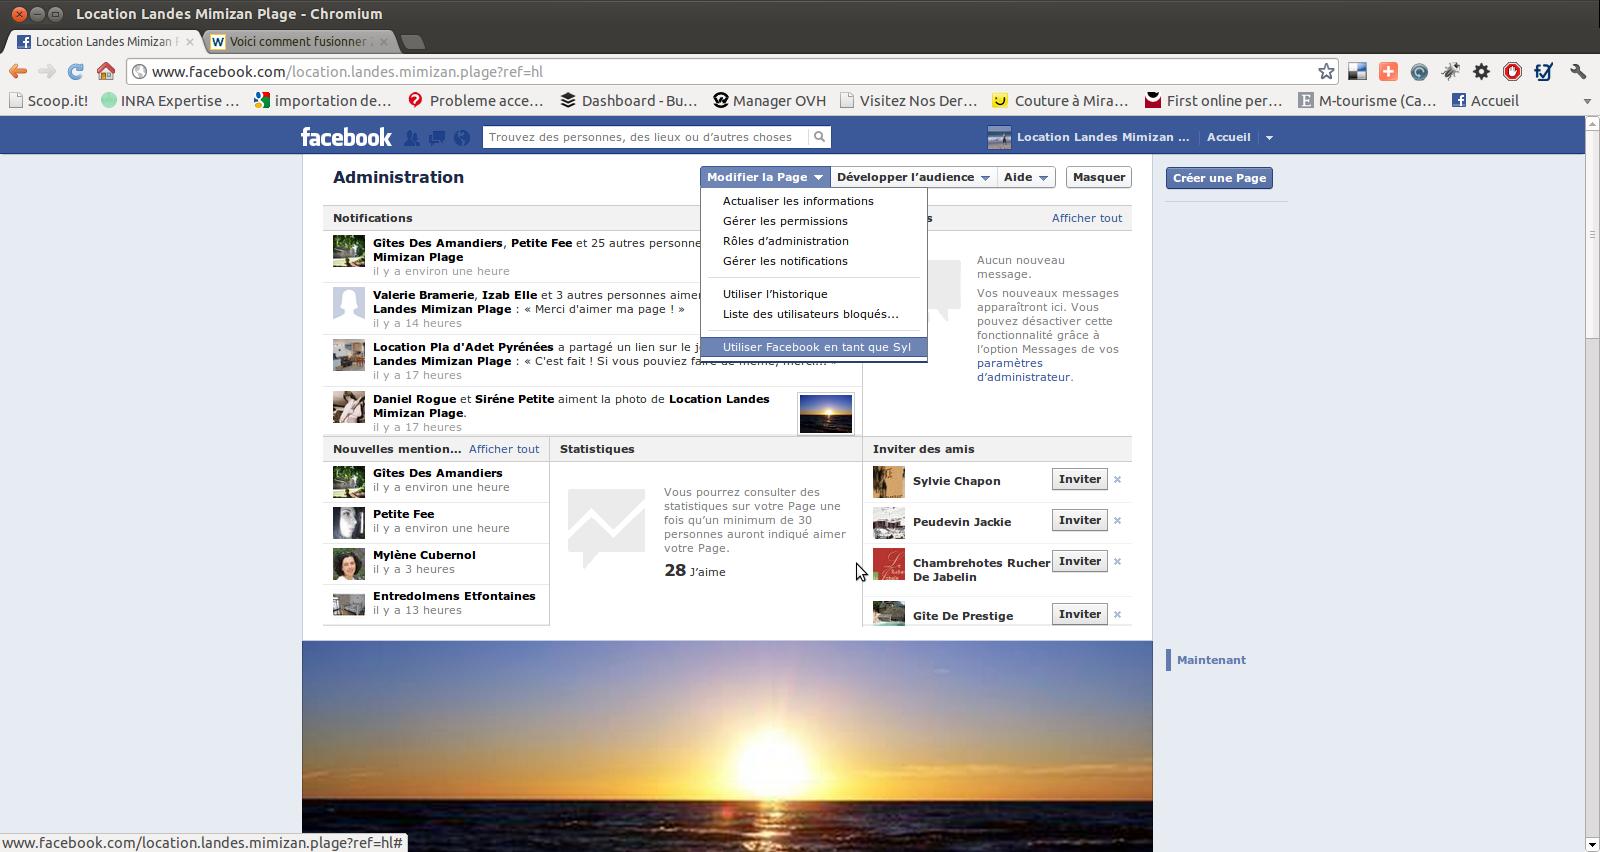 Jonthan Henry Bailey, فايسبوك, سر في الفايسبوك, حساب صاحب الترجمة الفورية, صاحب الترجمة الفورية